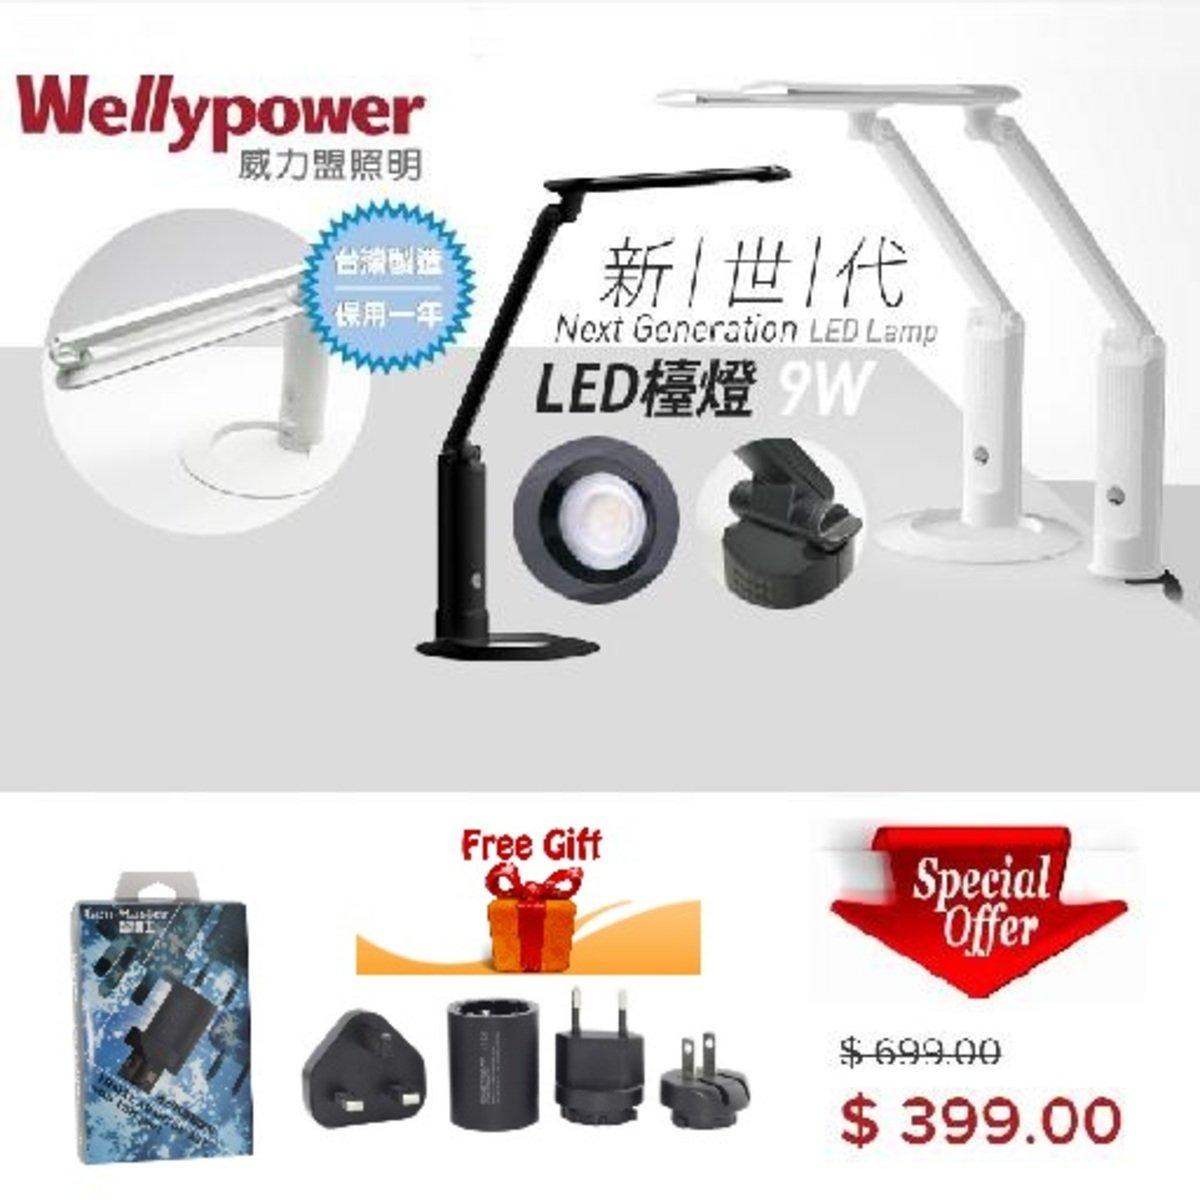 新世代 9W LED 黑色檯燈 冷白光 (贈送 Gen-Master USB 旅行充電套裝)